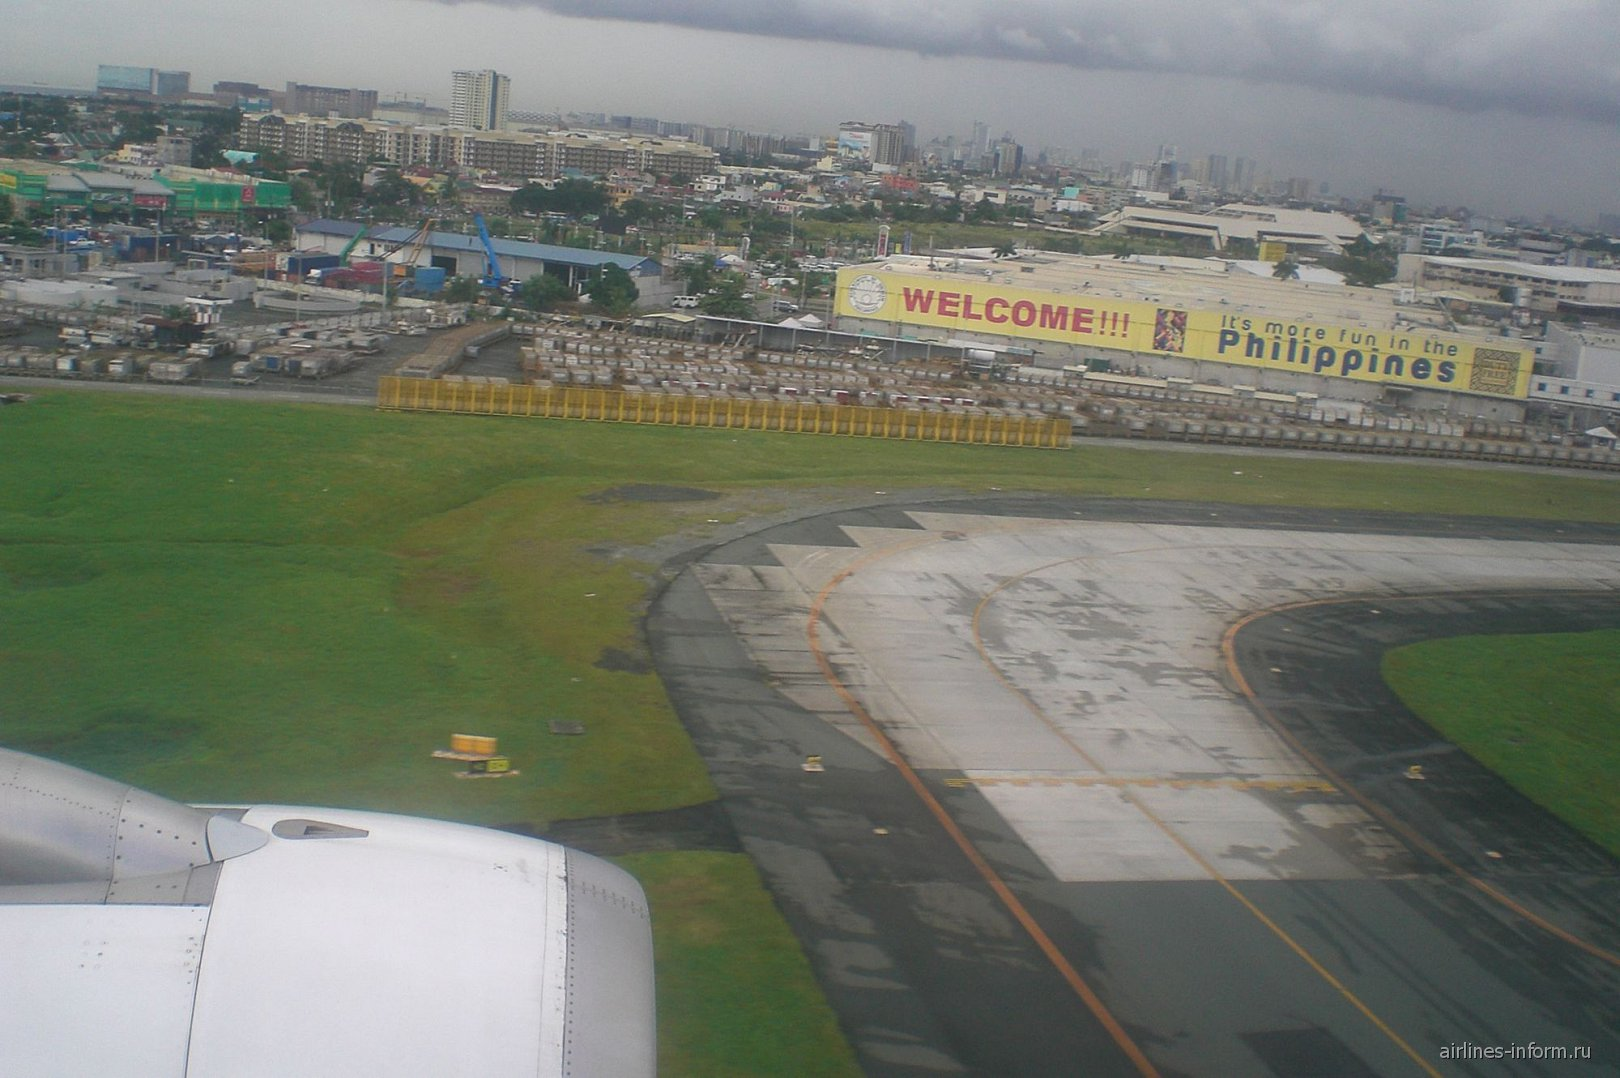 Посадка в аэропорту Манилы